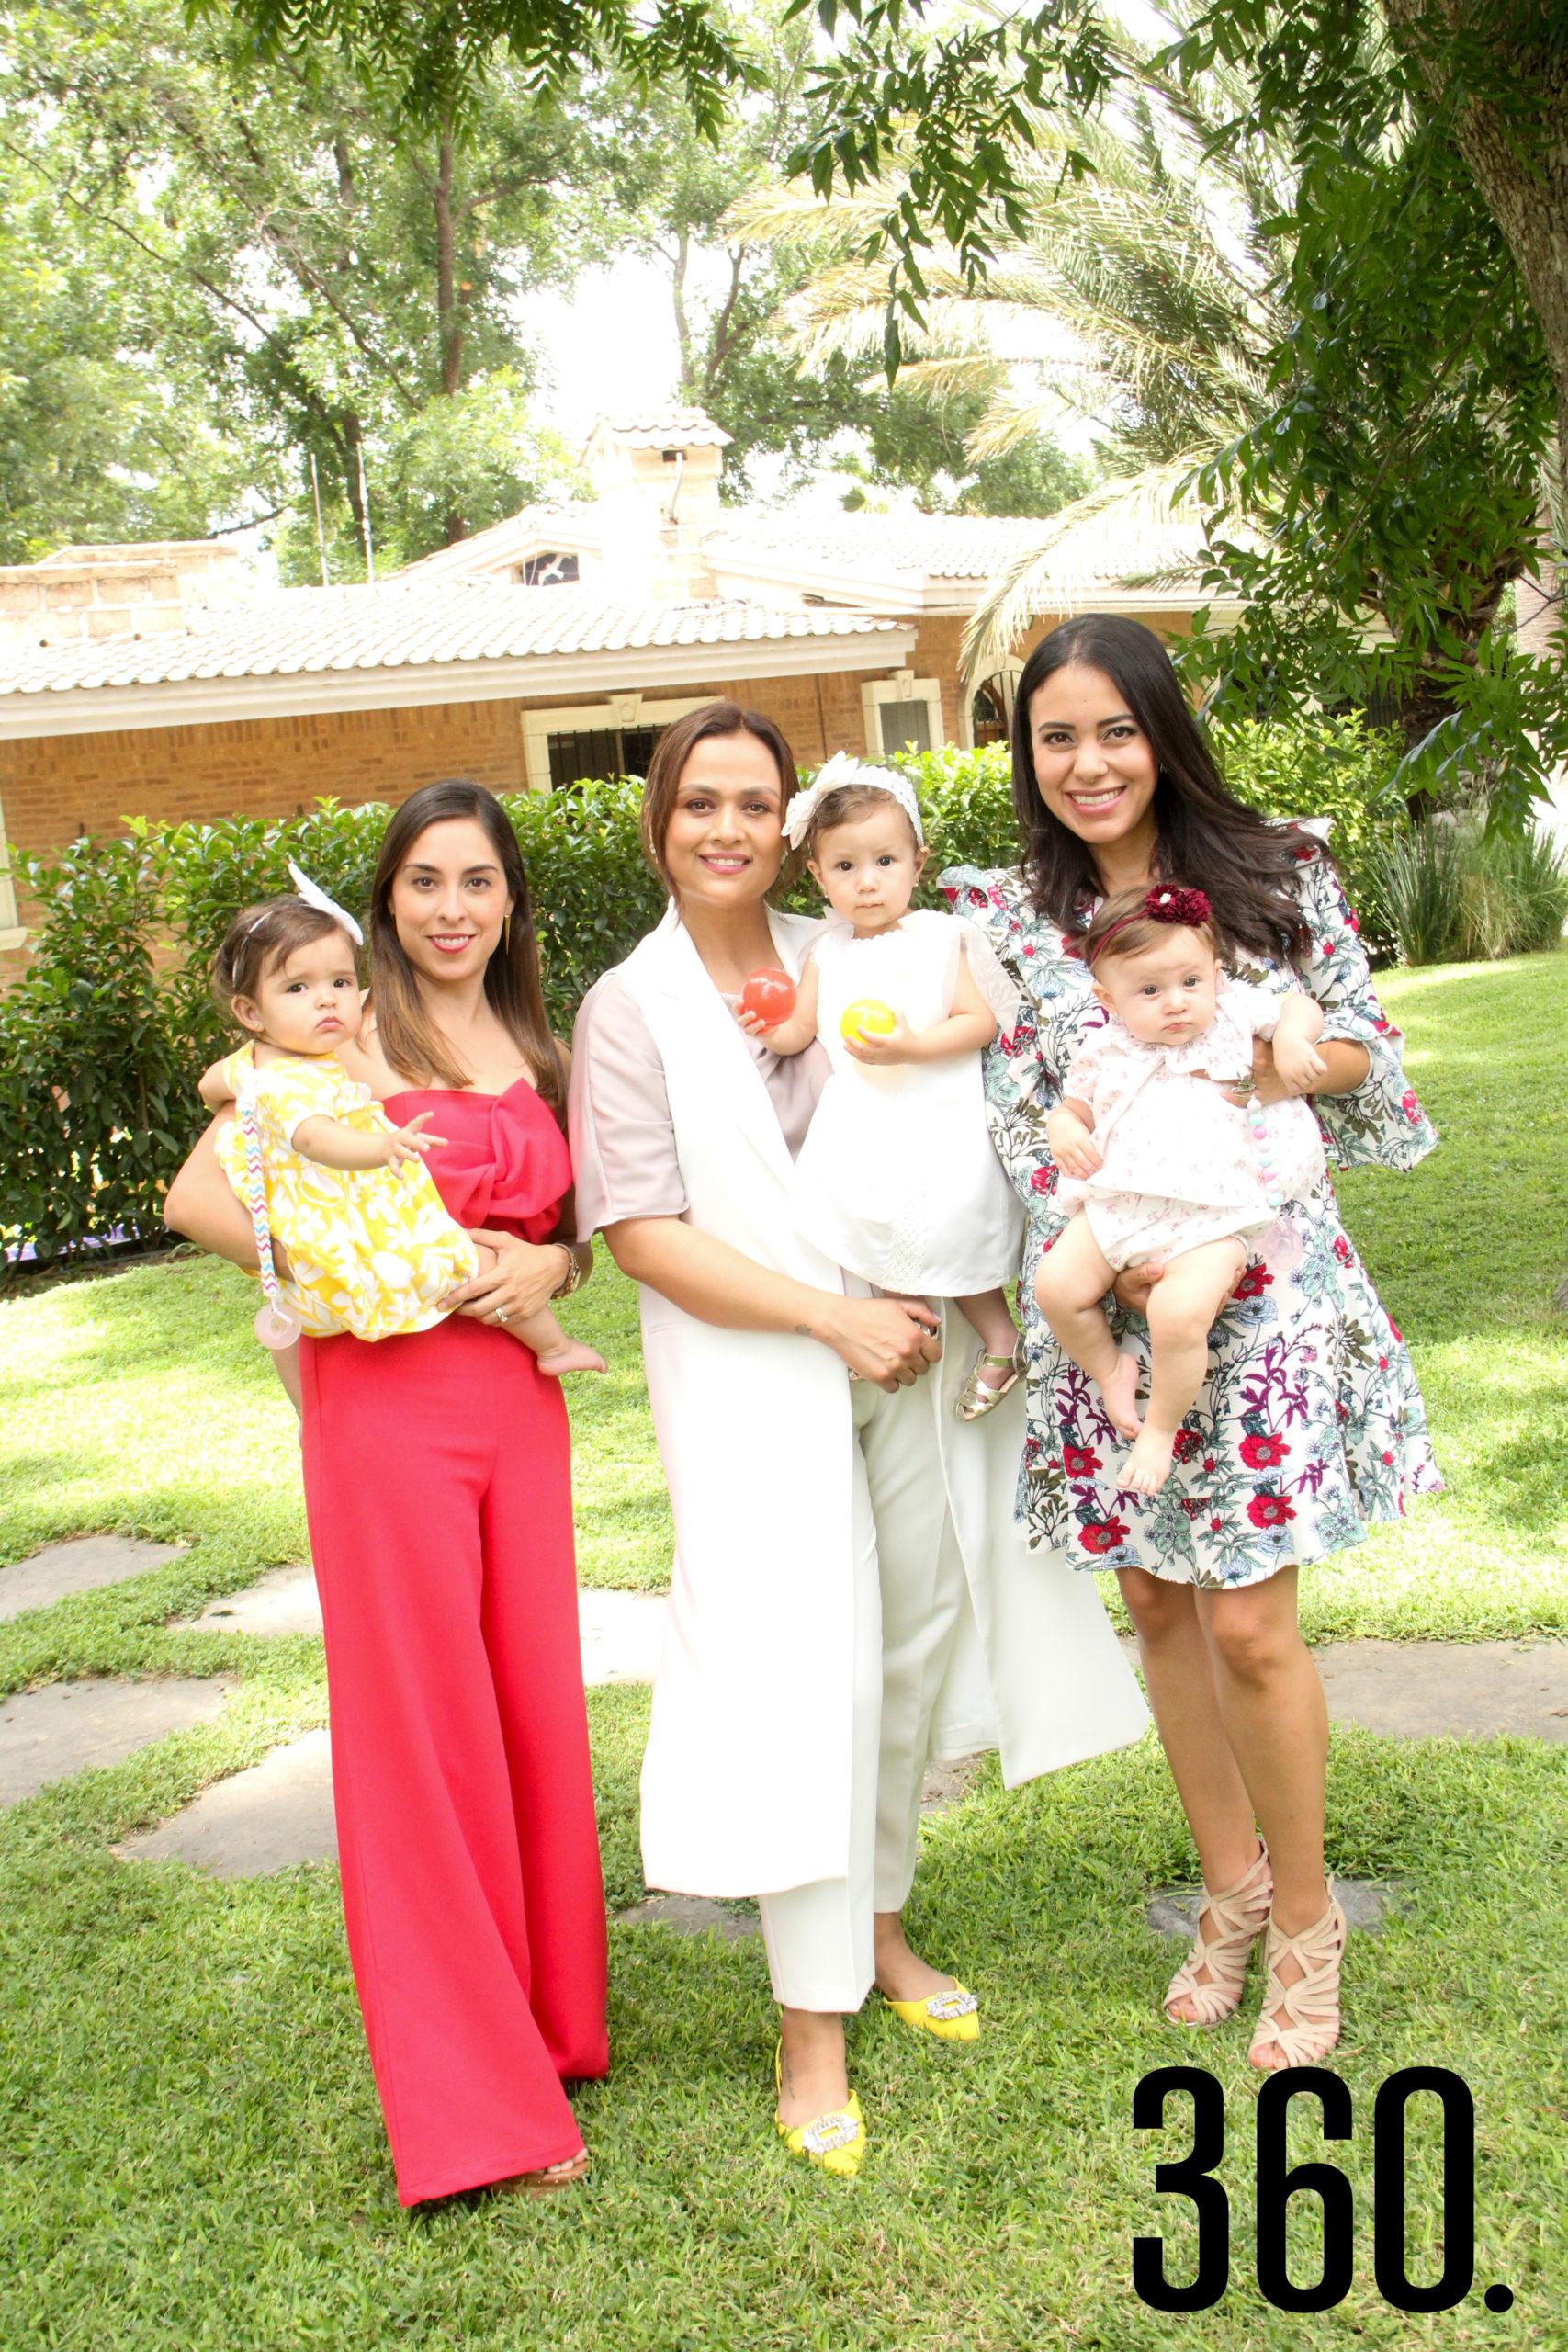 Fernanda Valdéz, Valeria López, Ale Sandoval, María Kuijt, Daniela Aguado e Isabella Galleher.